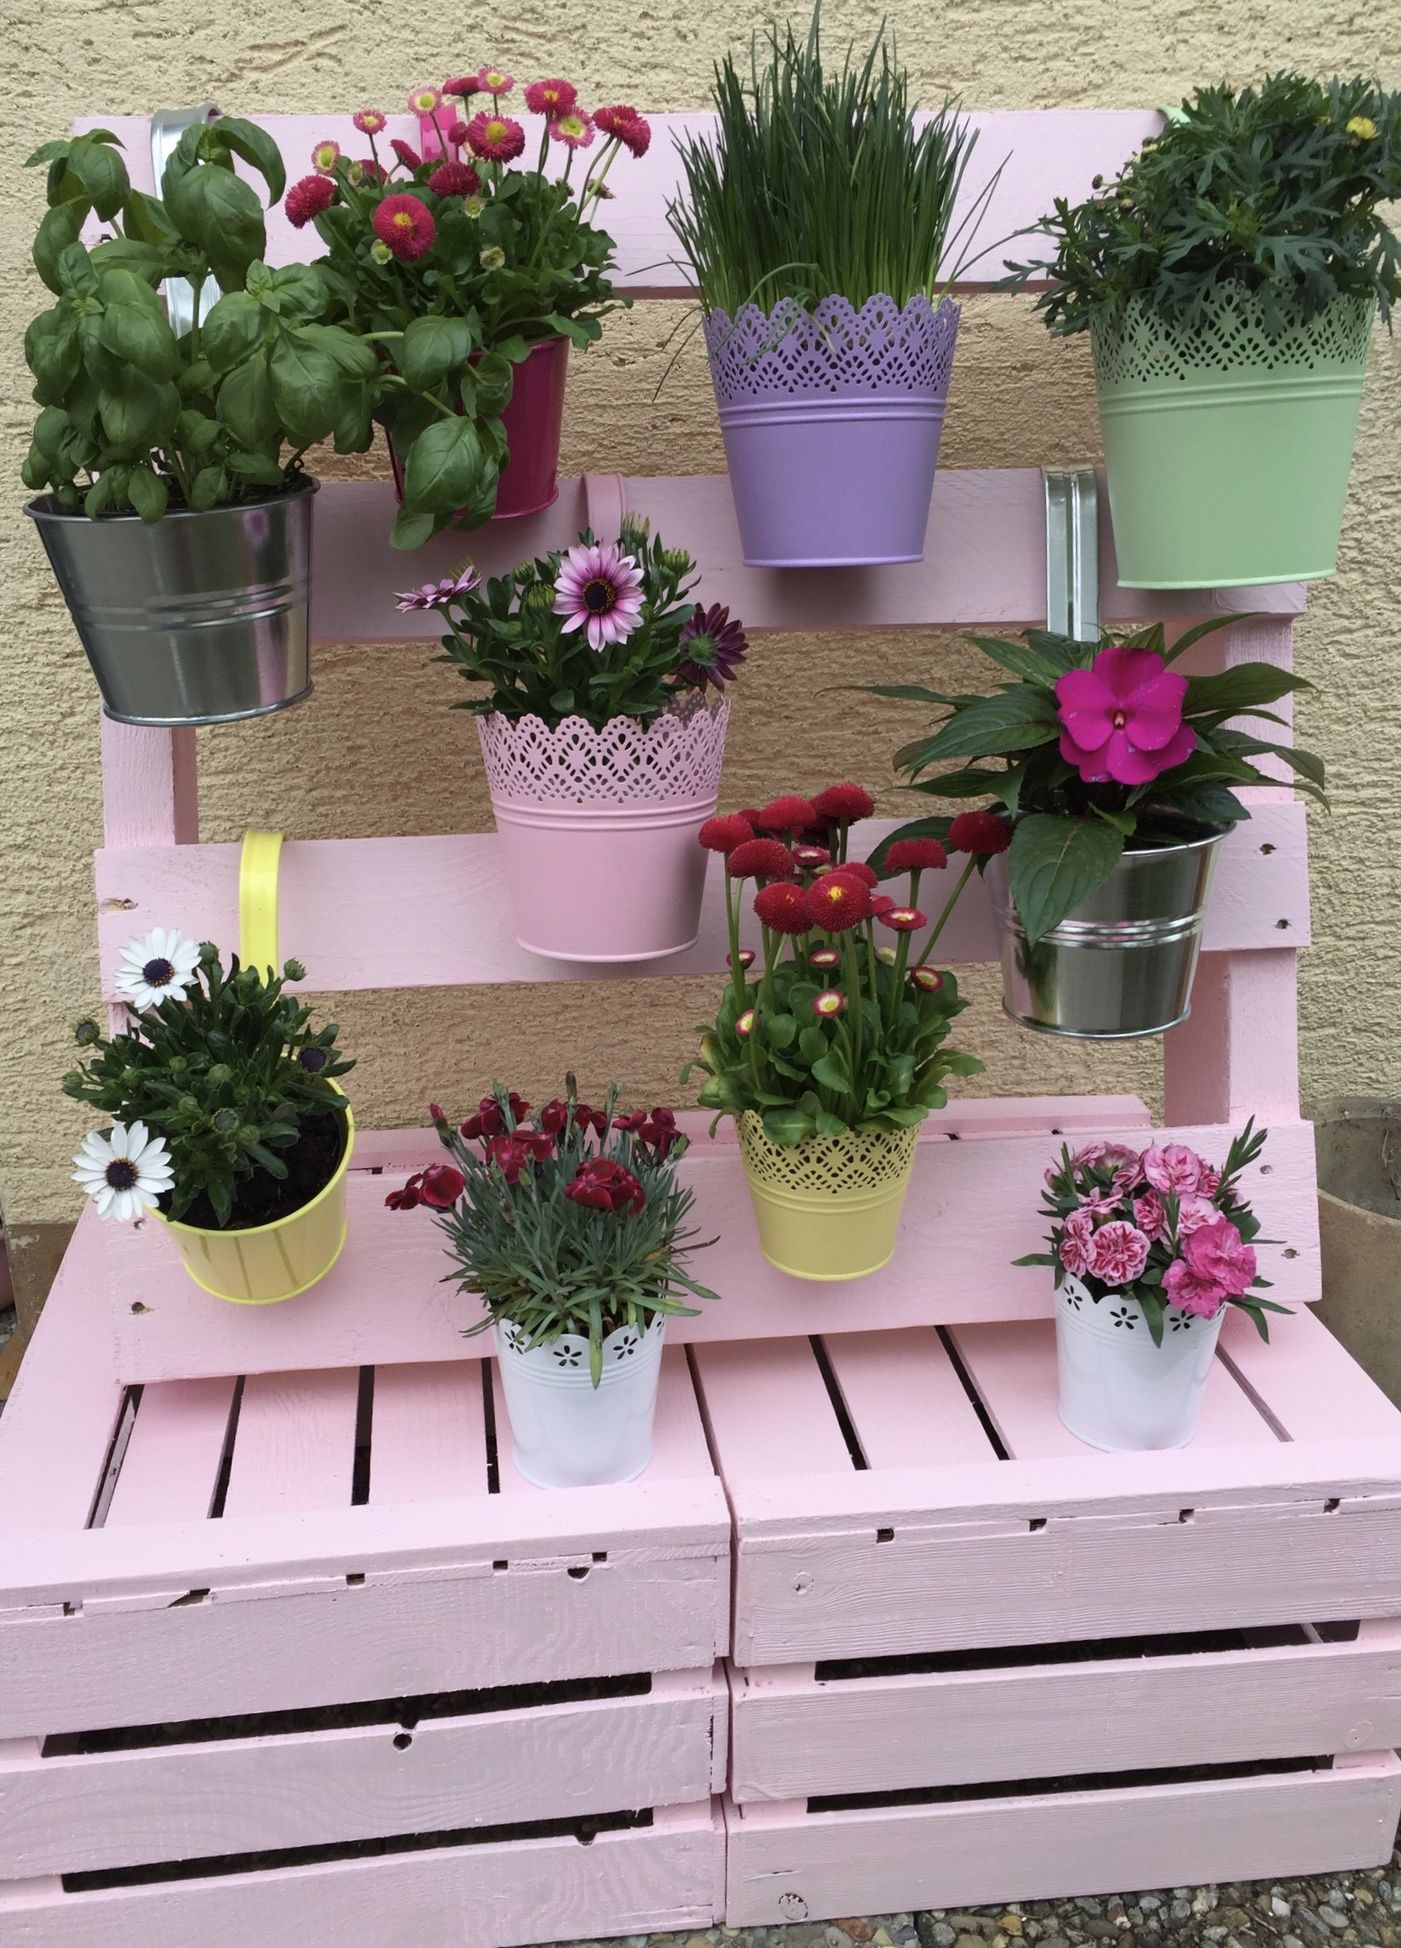 diy #flowers #blumen #selfmade #paletten #palette #europalette #bunt